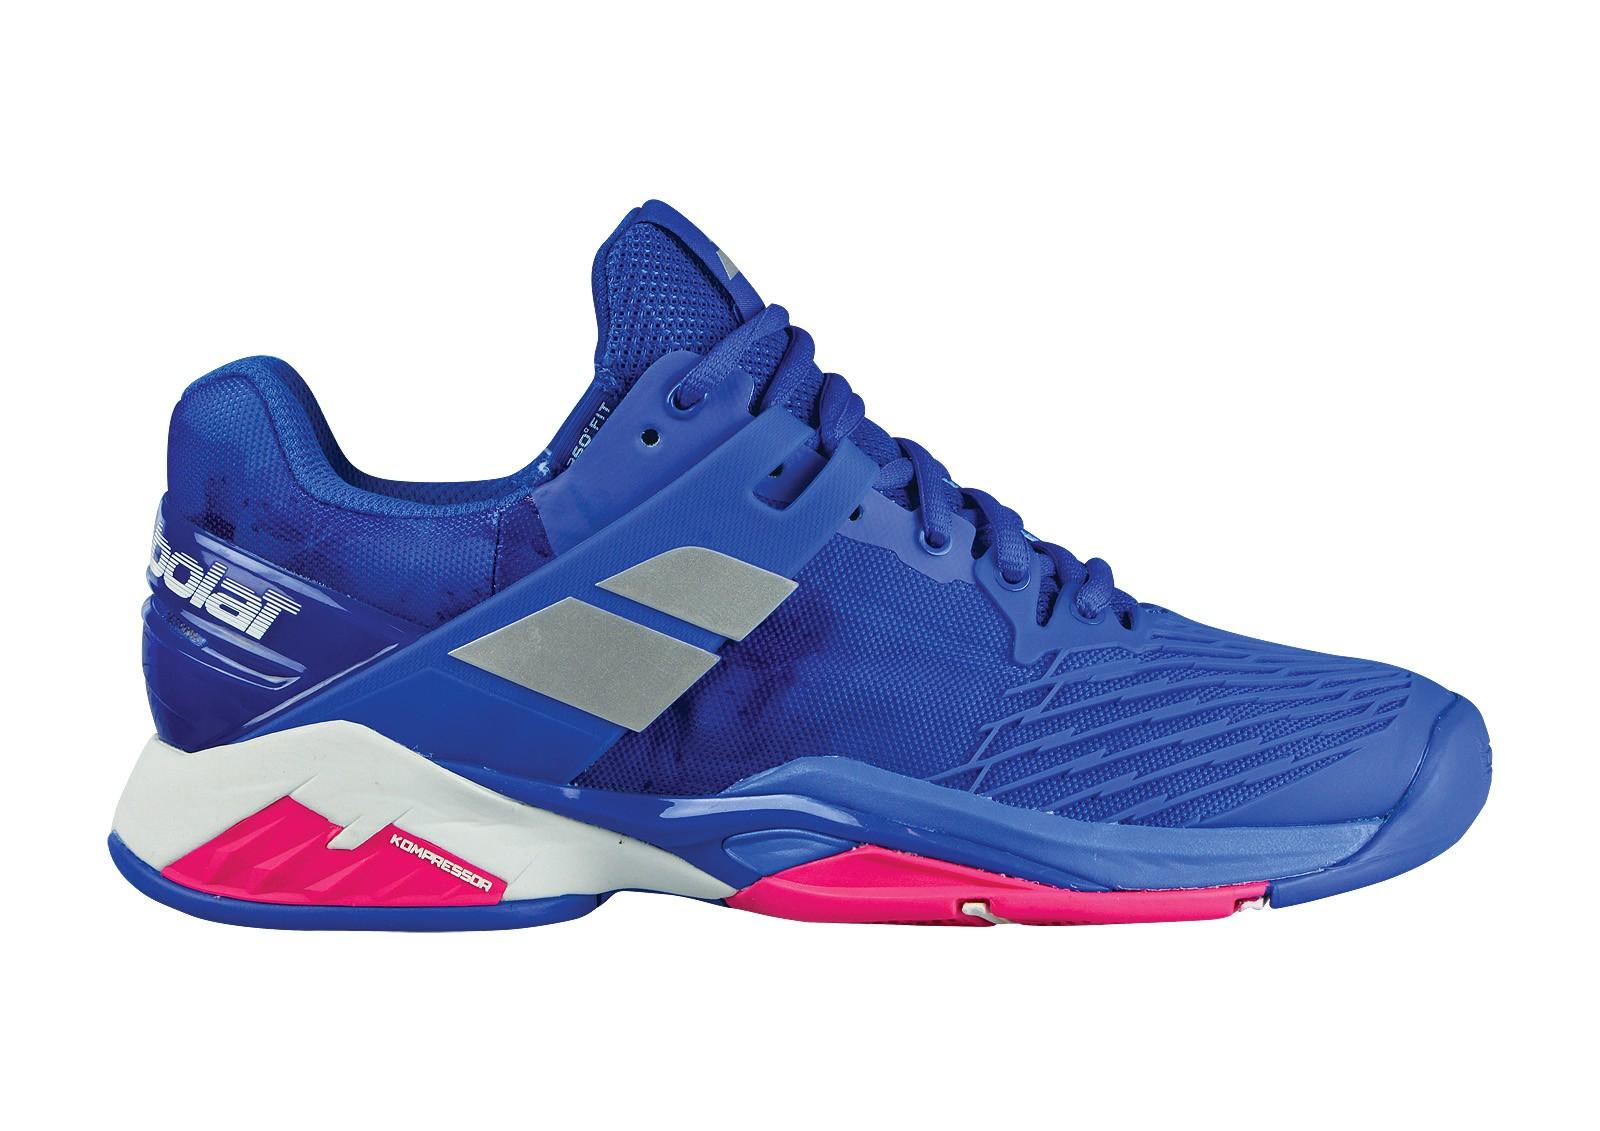 Buty tenisowe damskie Babolat Propulse Fury All Court Princess Blue - Wyprzedaż!